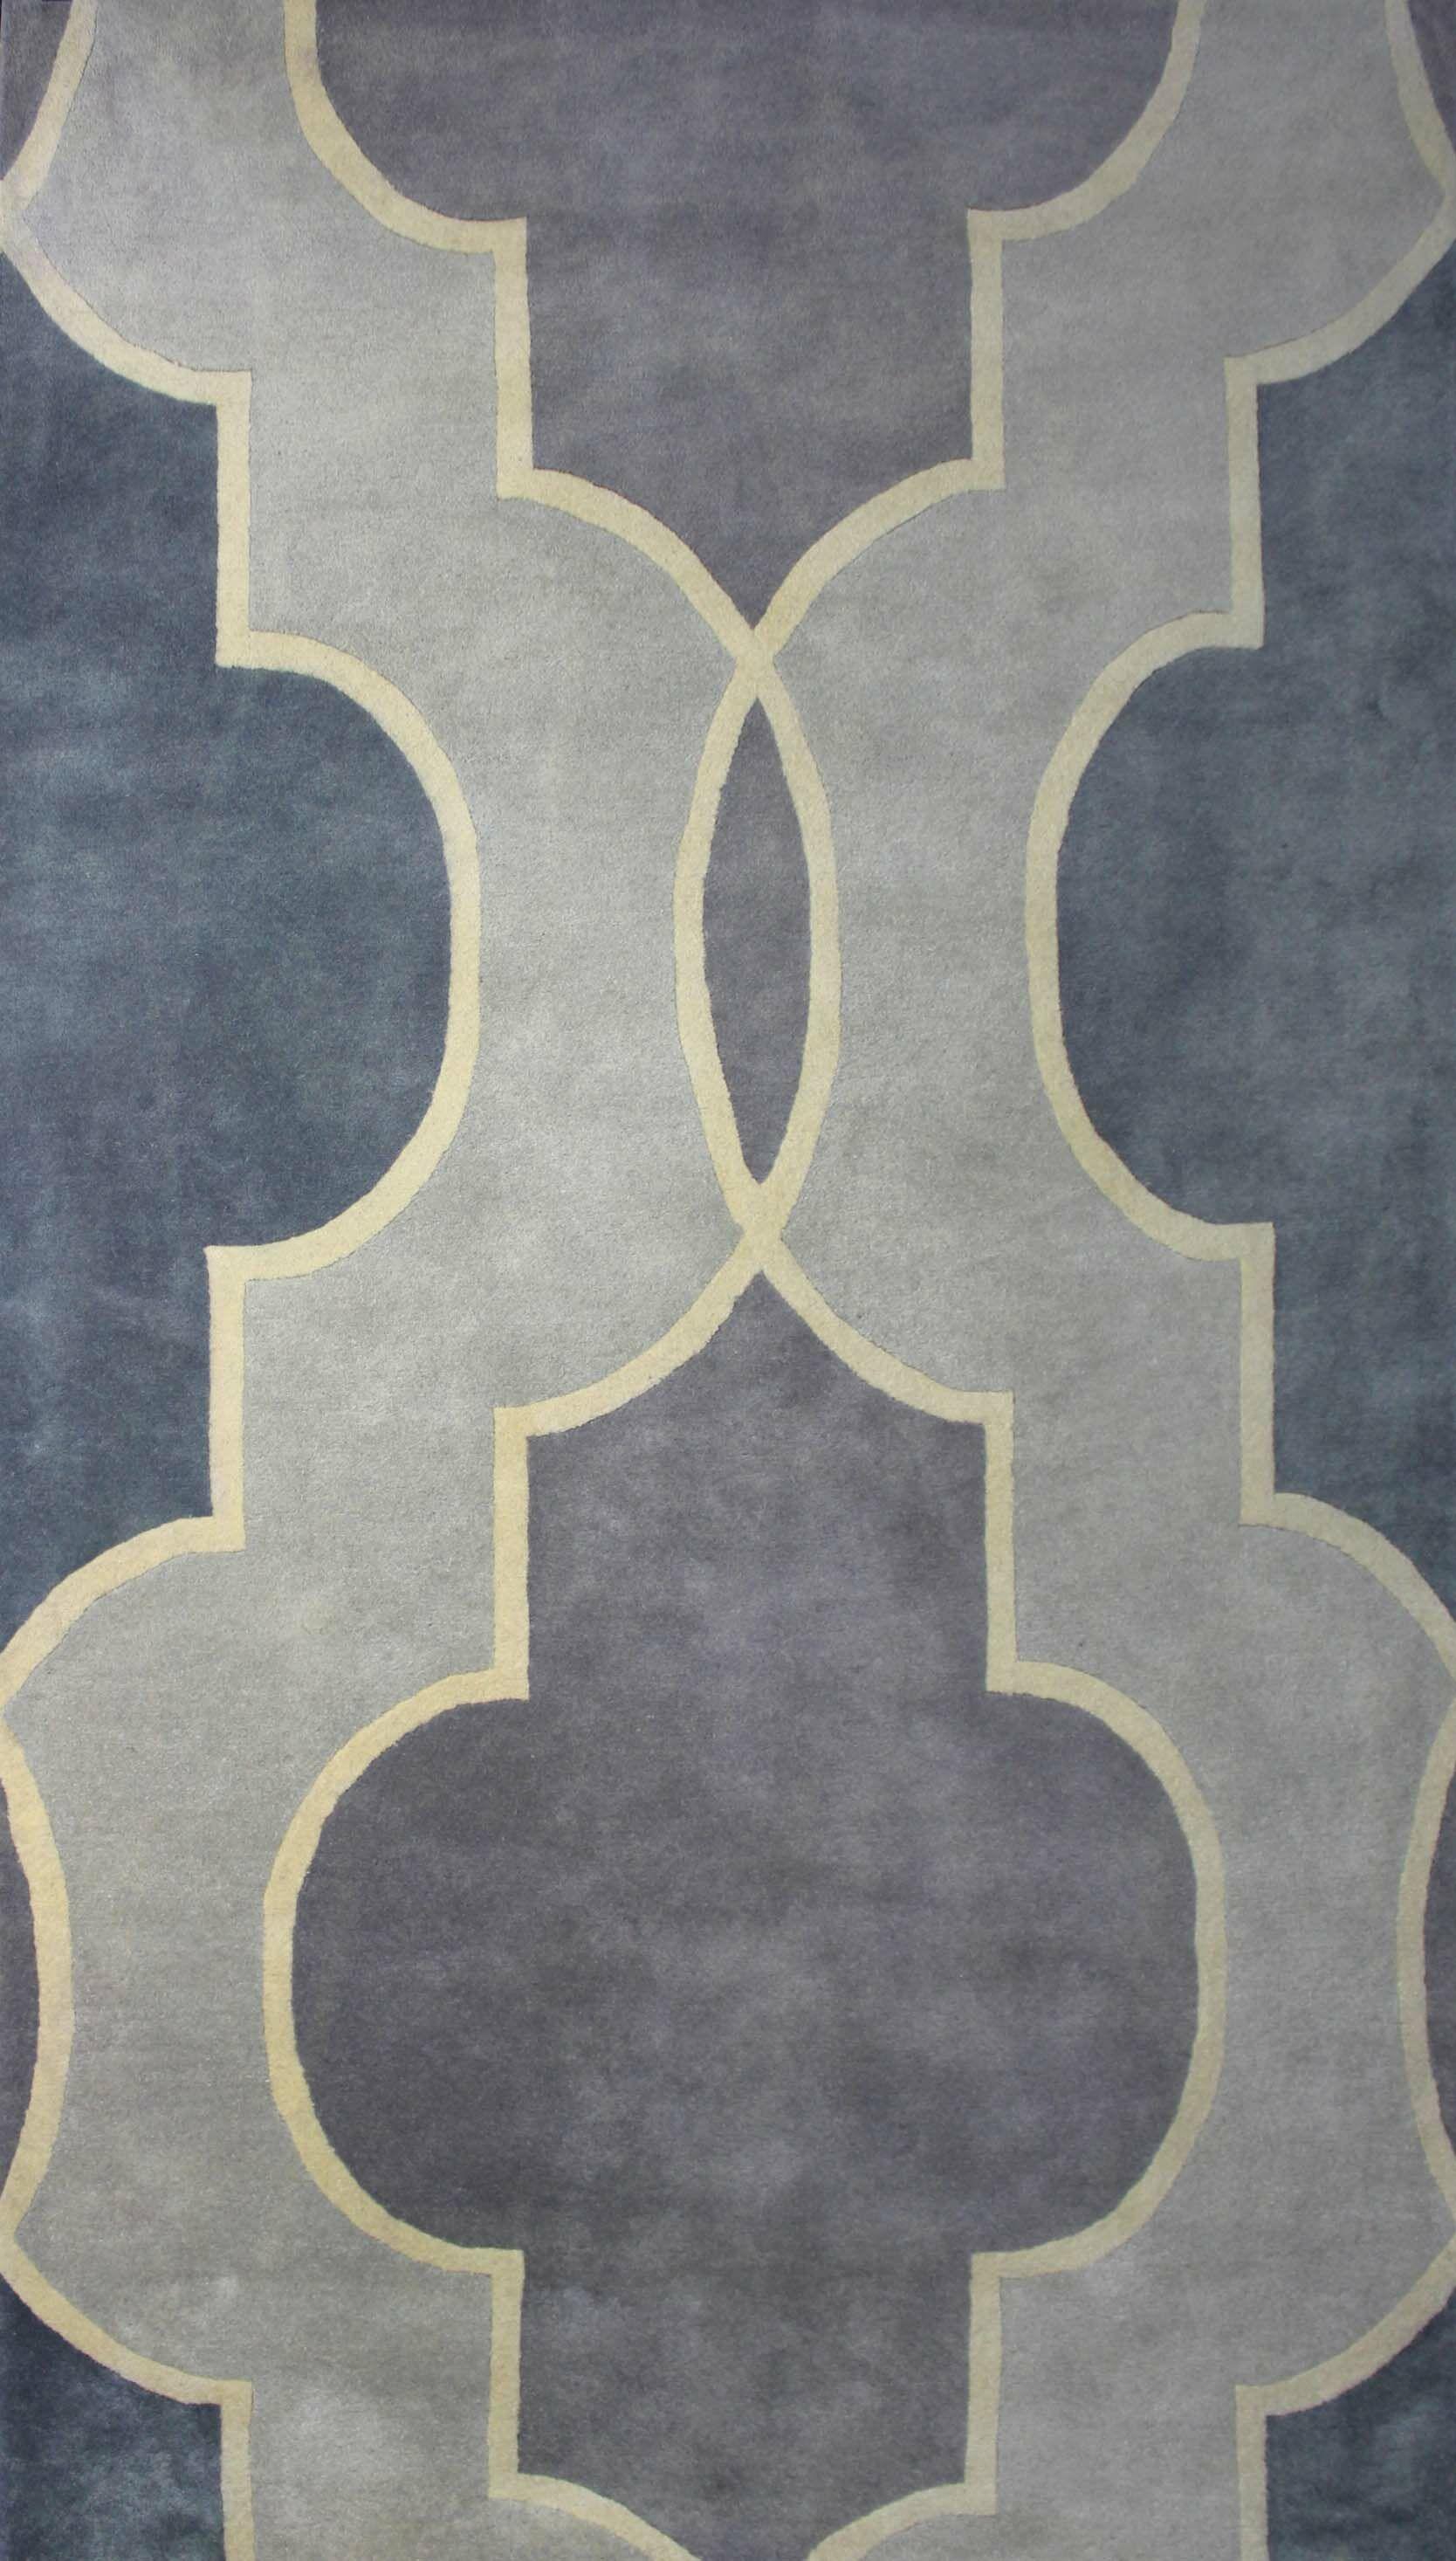 Wiener Grey Rug Rug Size: Rectangle 5' x 8'